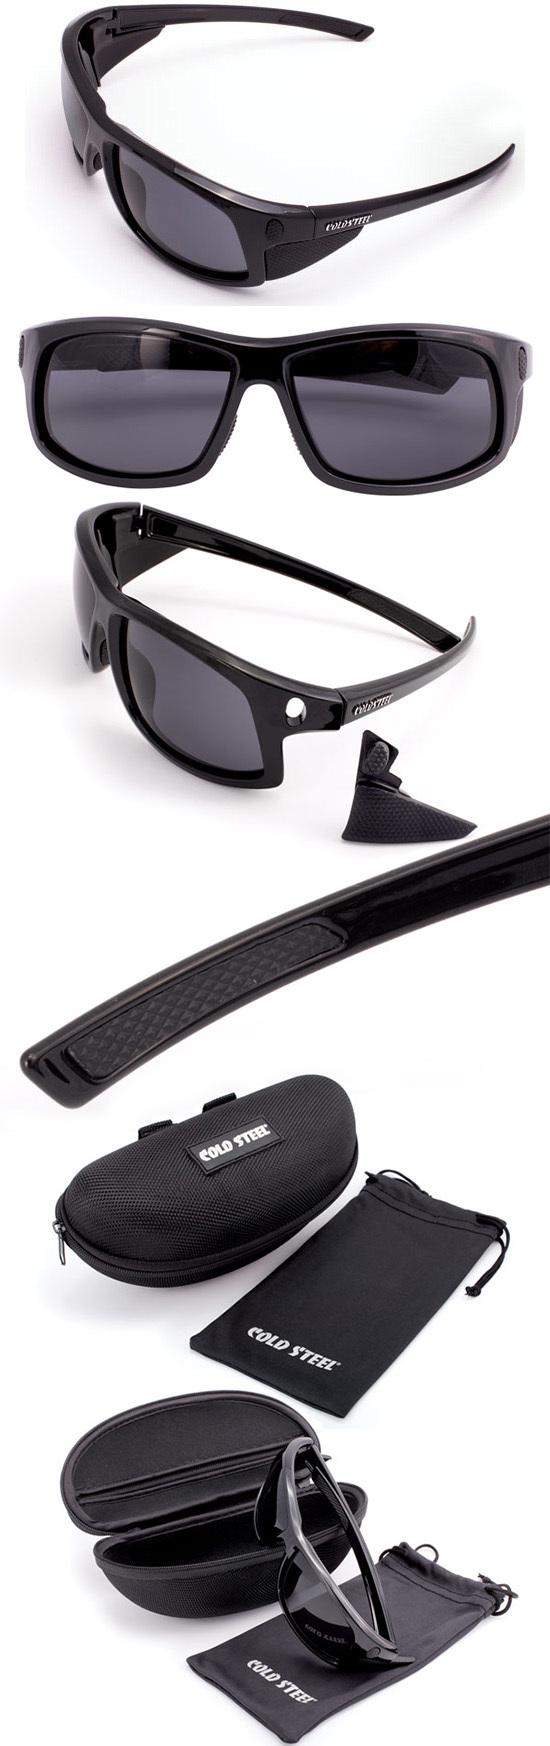 Солнцезащитные очки Cold Steel модель EW11 Gloss Black